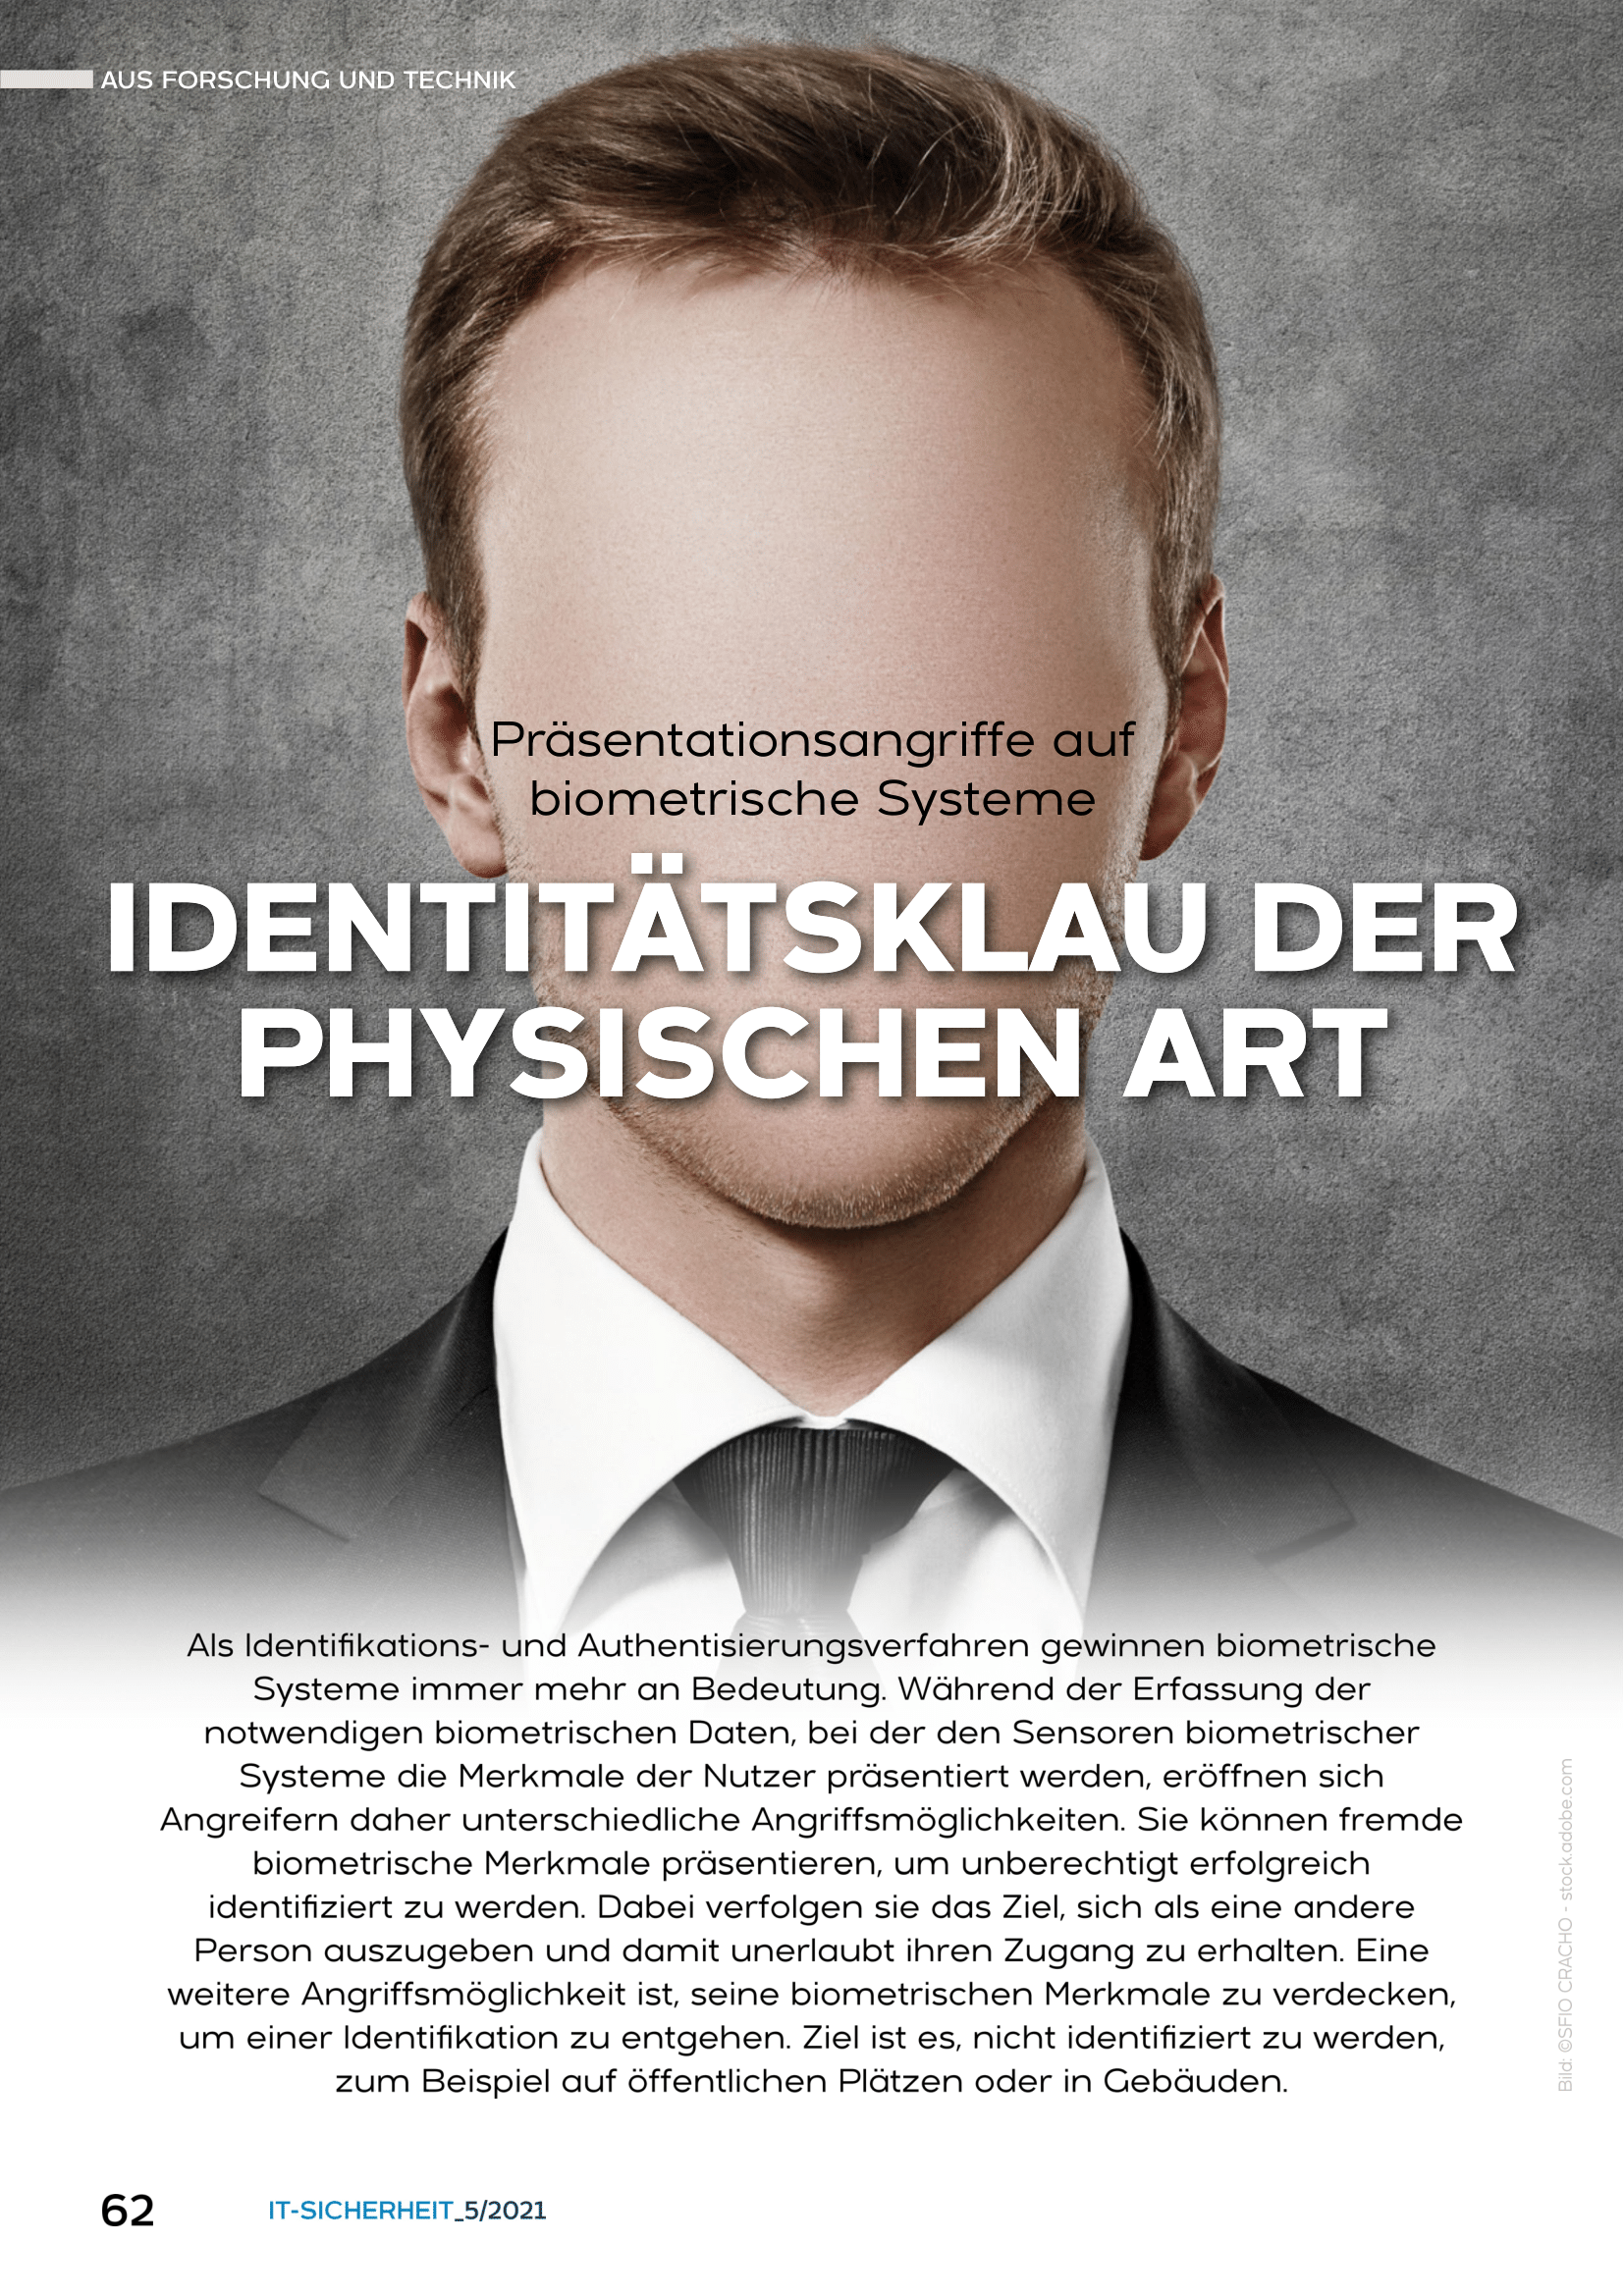 433 - Präsentationsangriffe auf biometrische Systeme - Identitätsklau der physischen Art - Prof Norbert Pohlmann